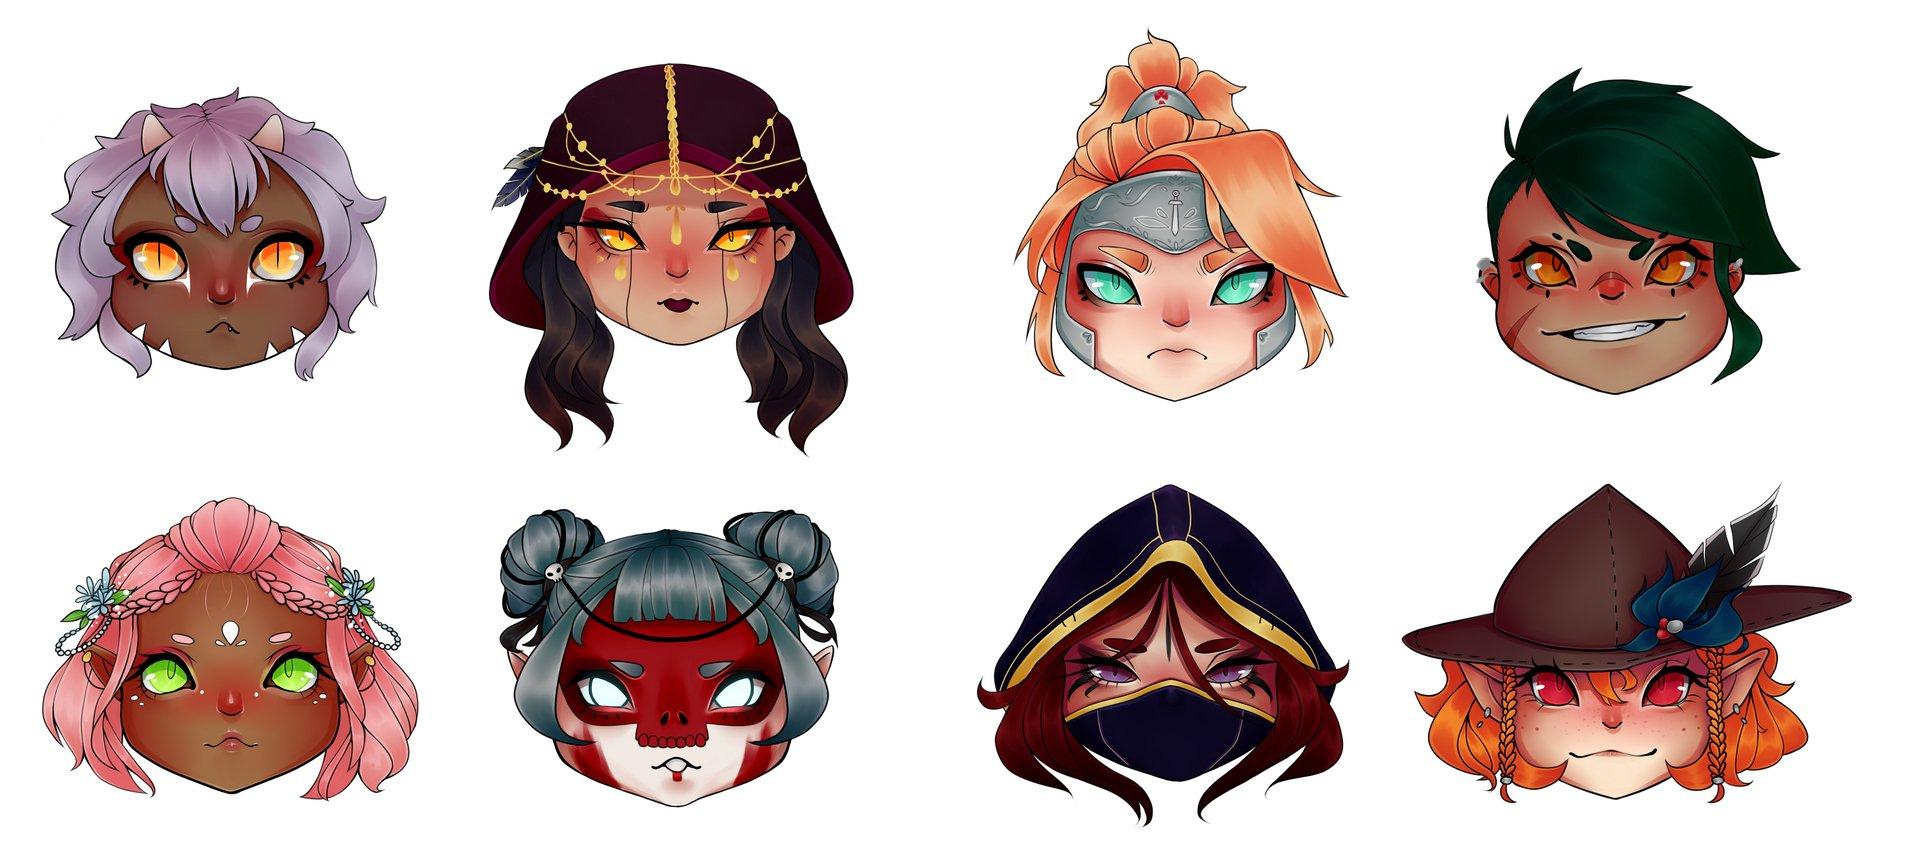 RPG Sticker Designs by Tamara - on Twine